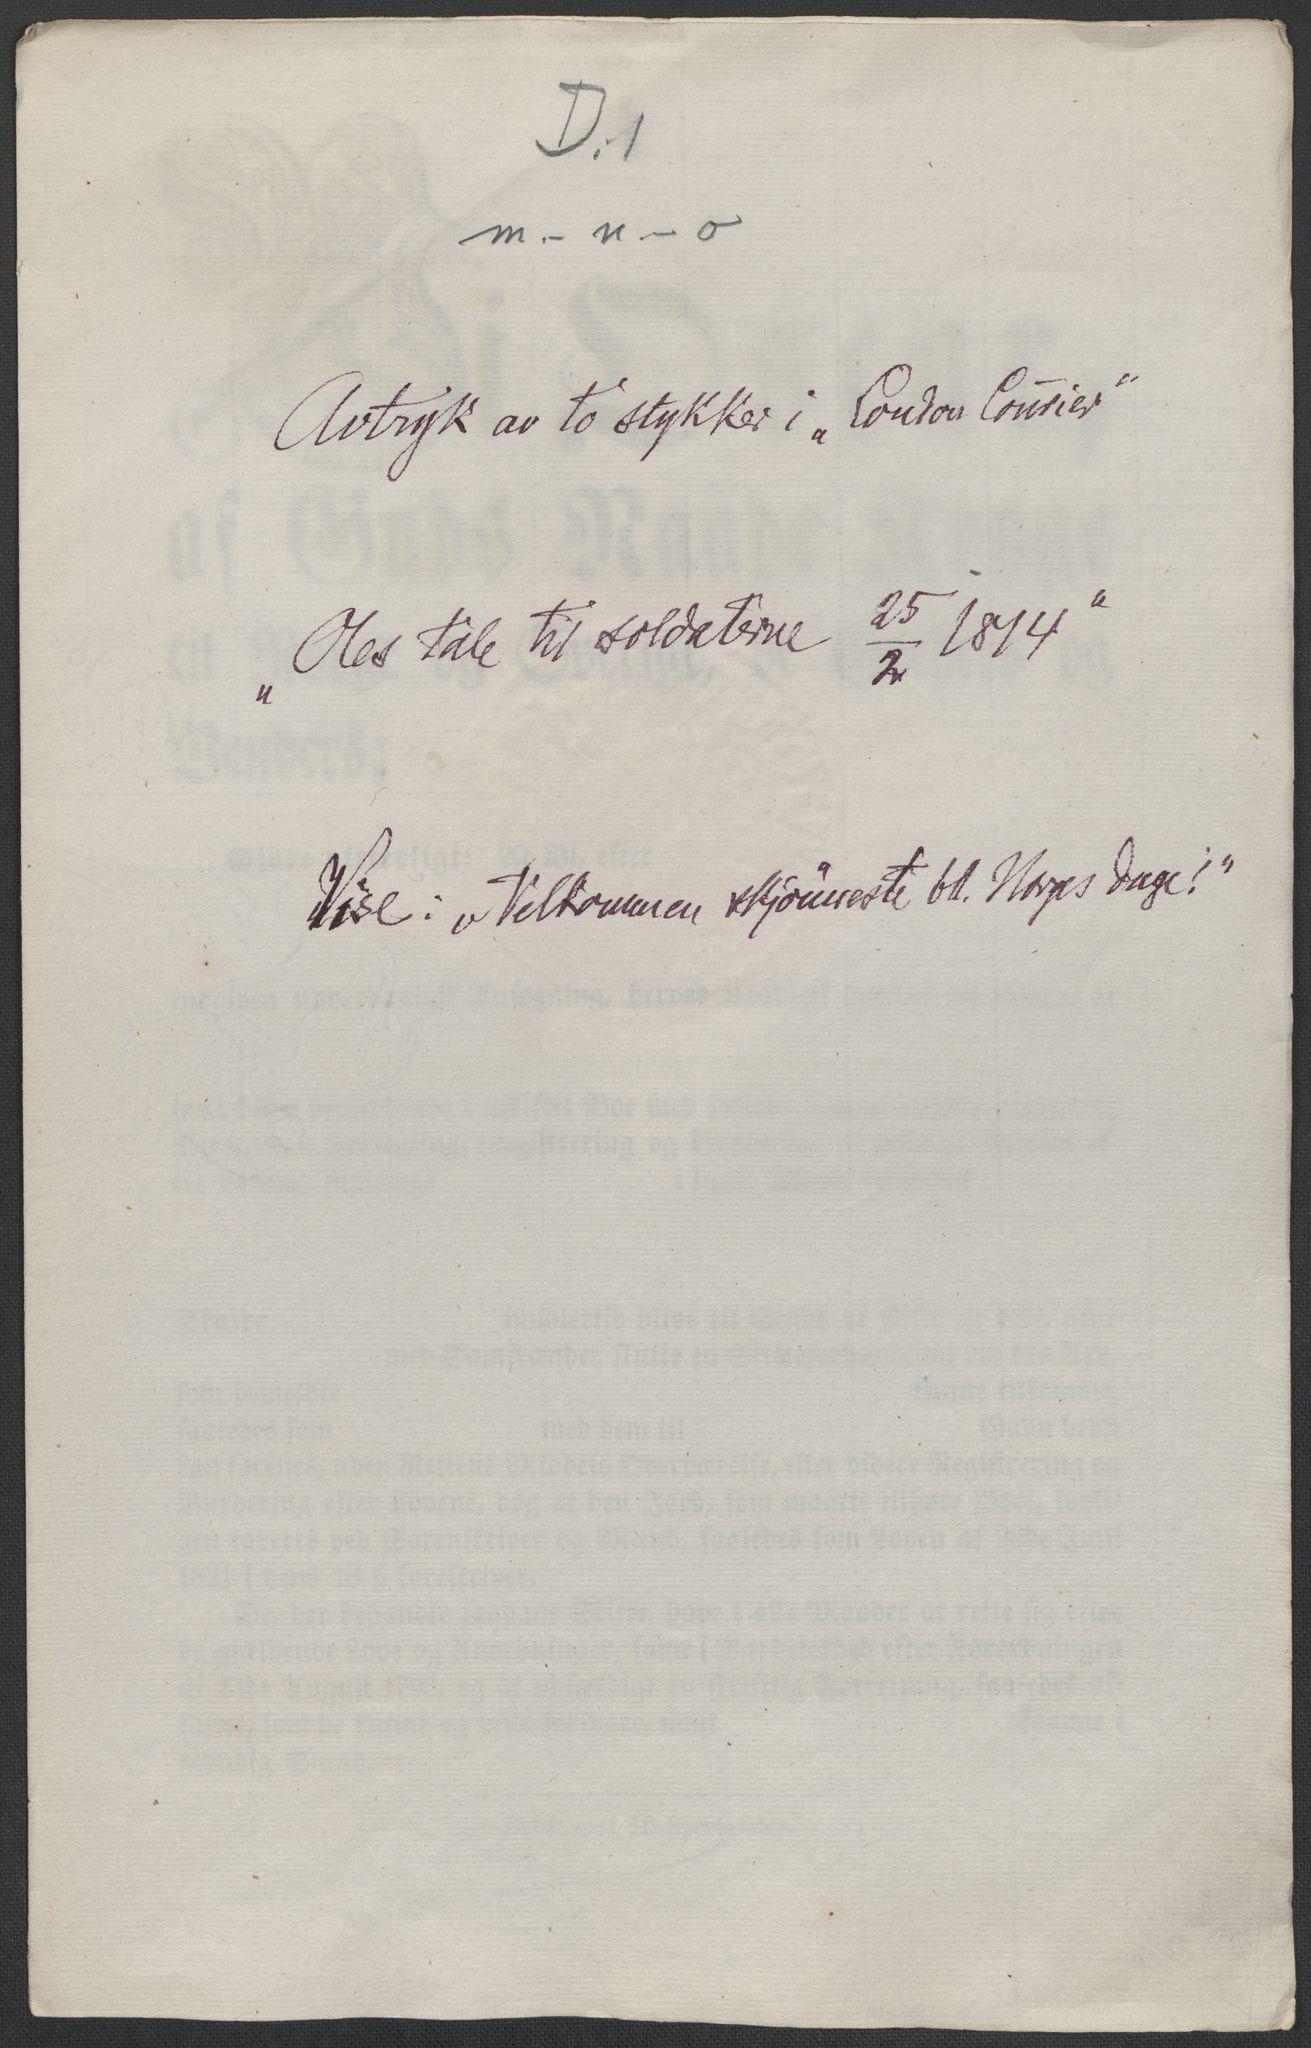 RA, Christie, Wilhelm Frimann Koren, F/L0004, 1814, s. 141